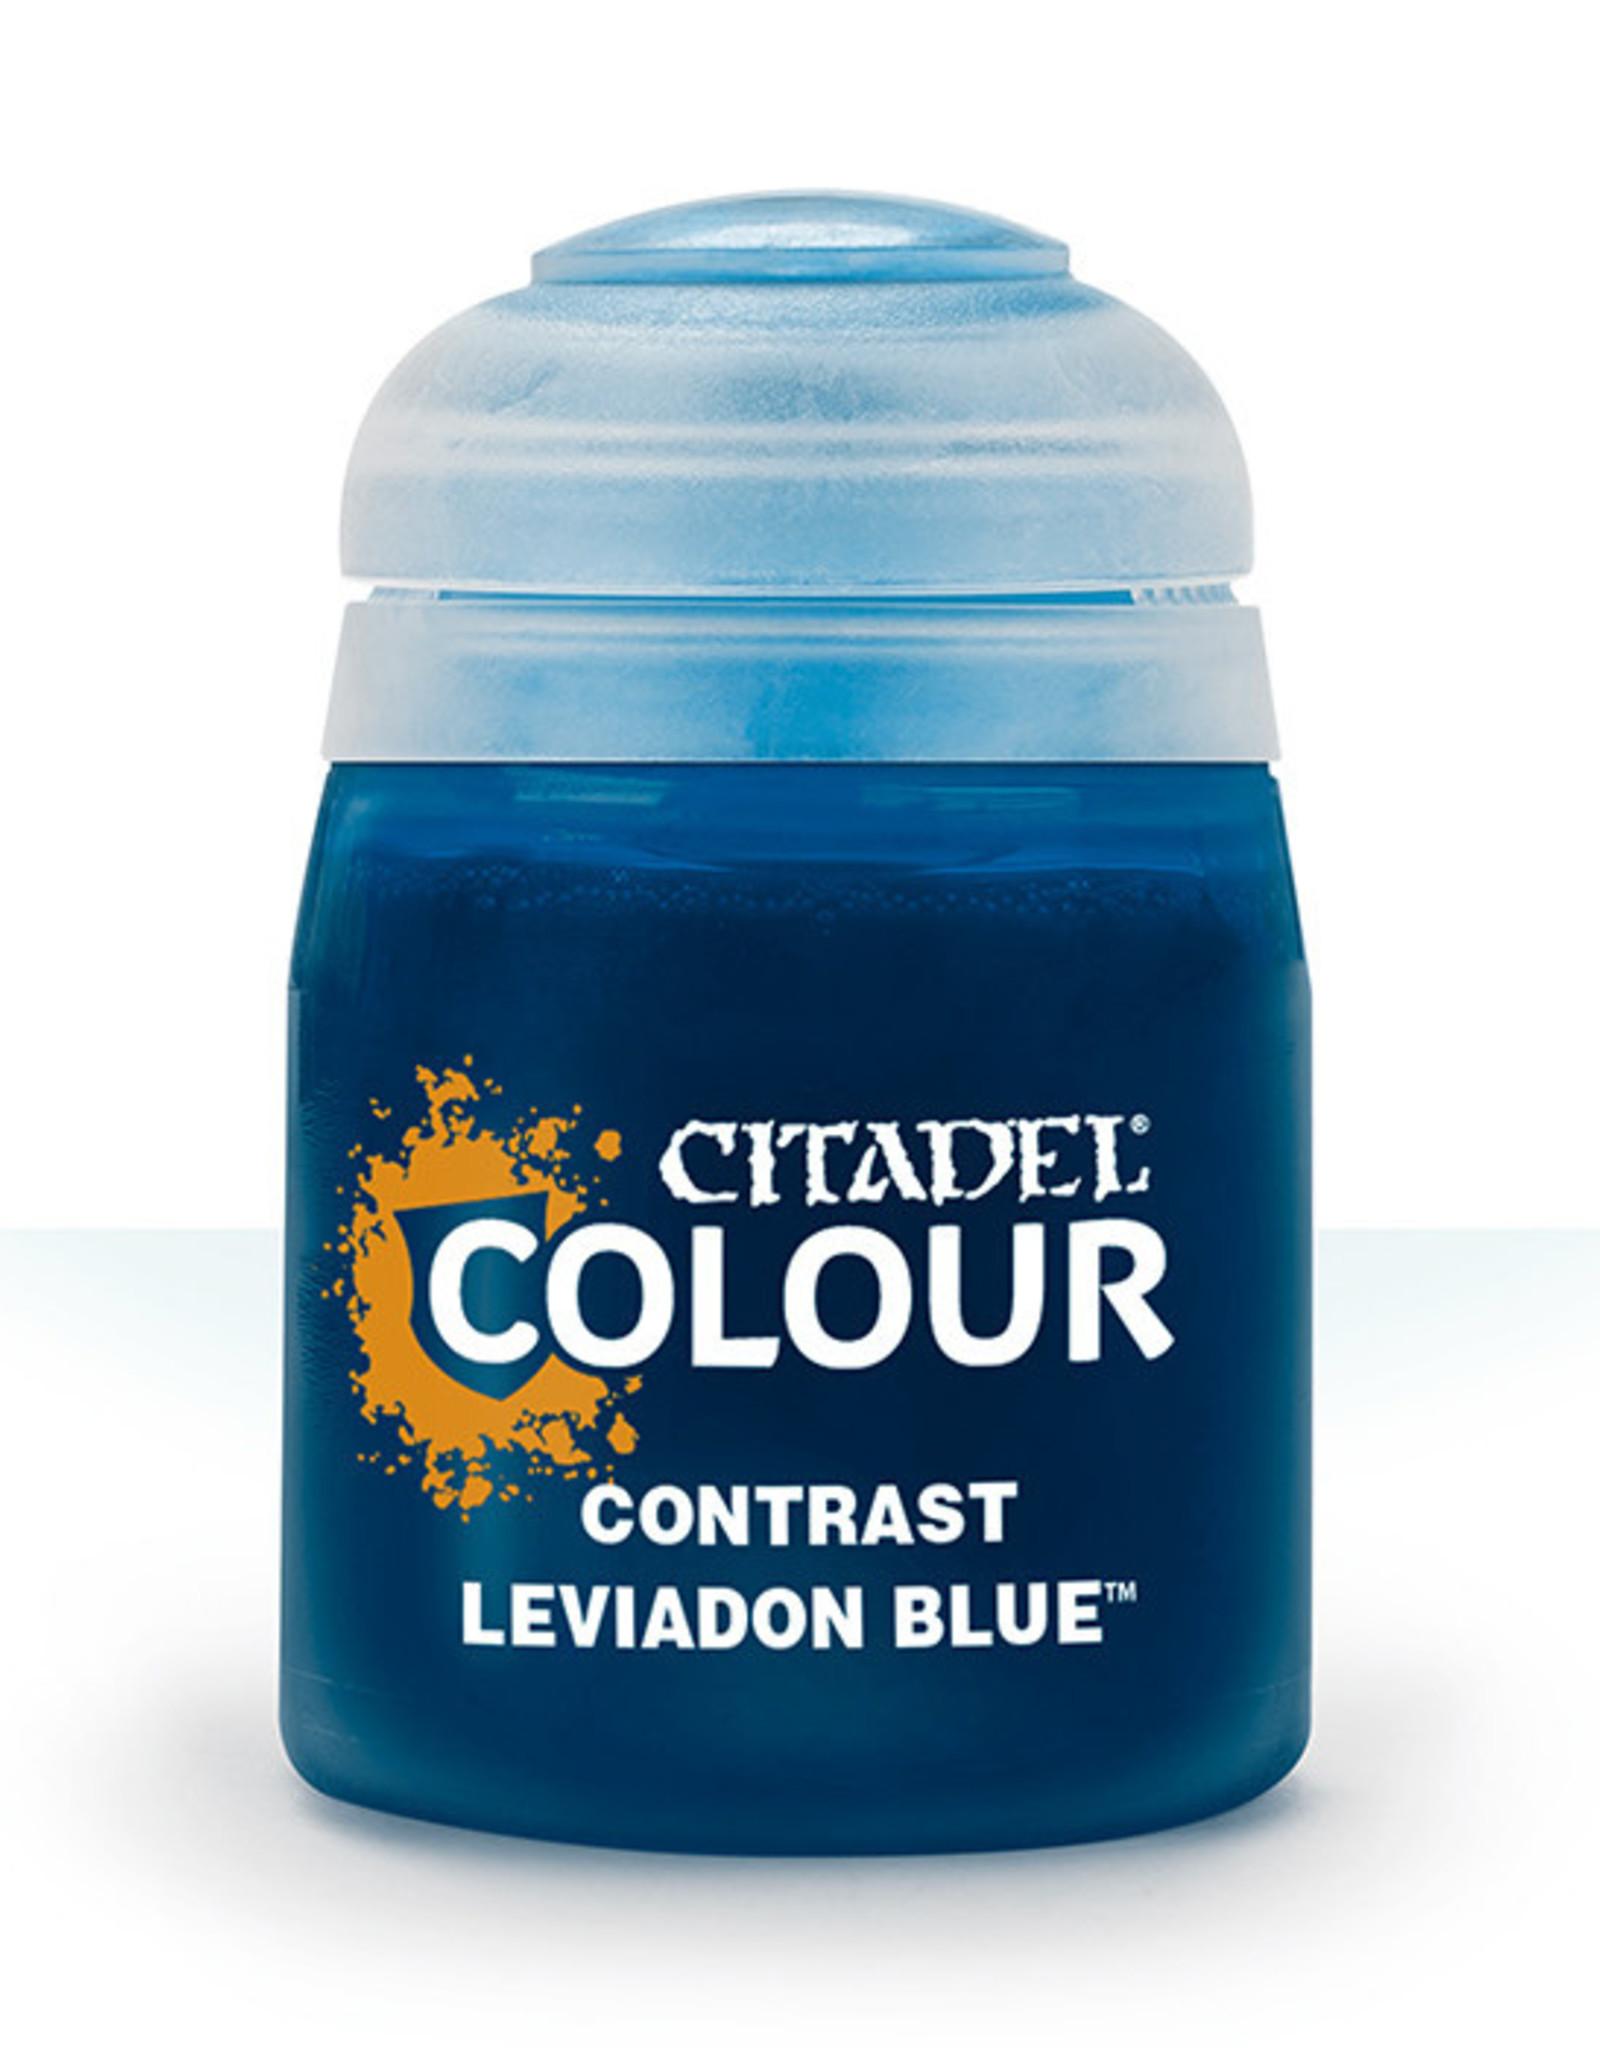 Citadel Citadel Colour: Contrast - Leviadon Blue